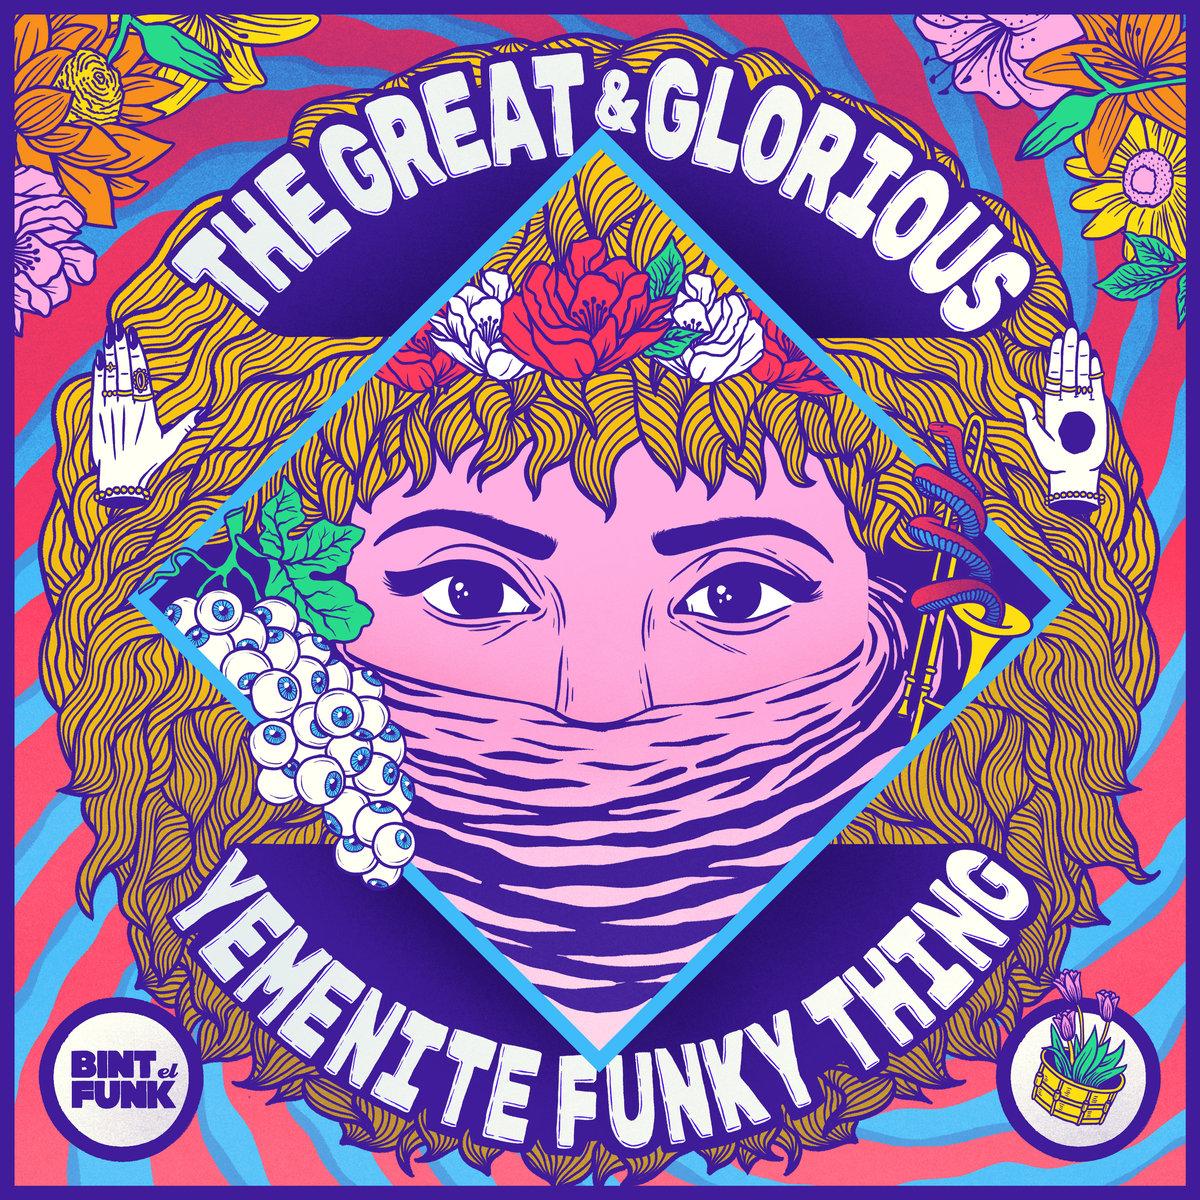 BINT EL FUNK - The Great & Glorious Yemenite Funky Thing